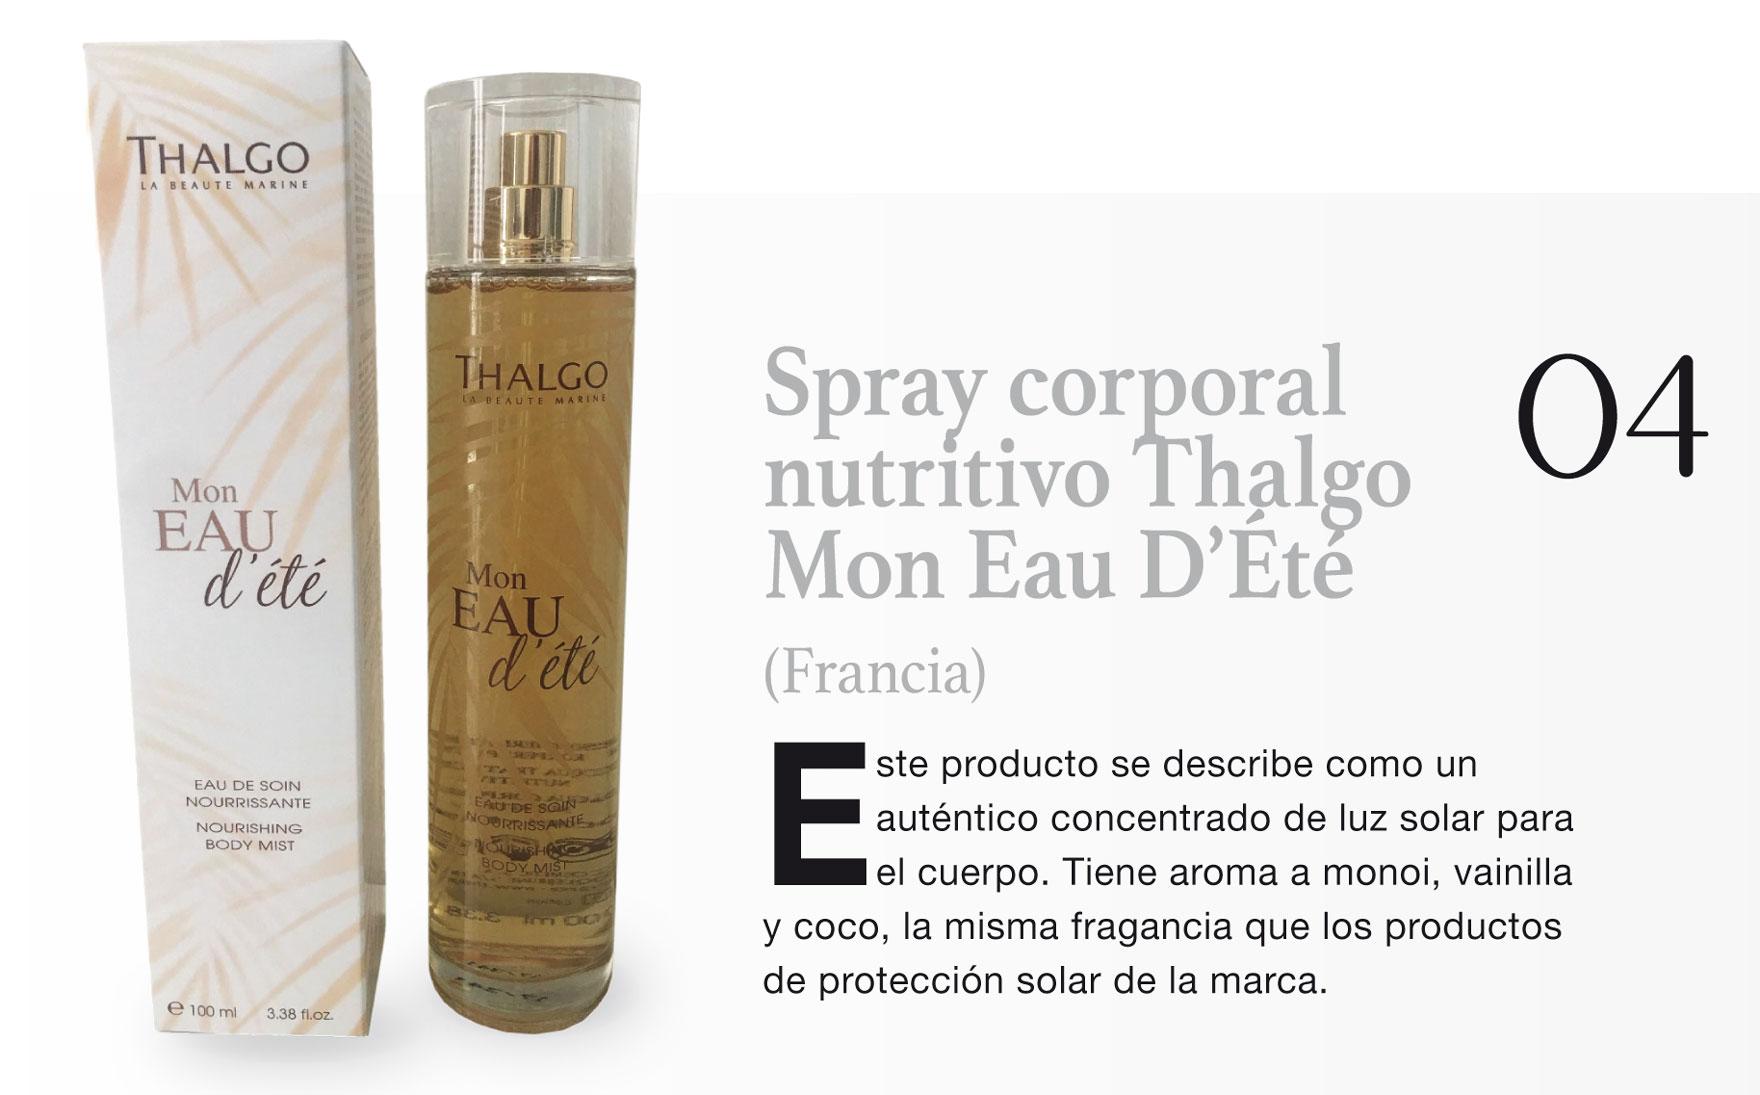 Spray corporal nutritivo Thalgo Mon Eau D'Été (Francia)